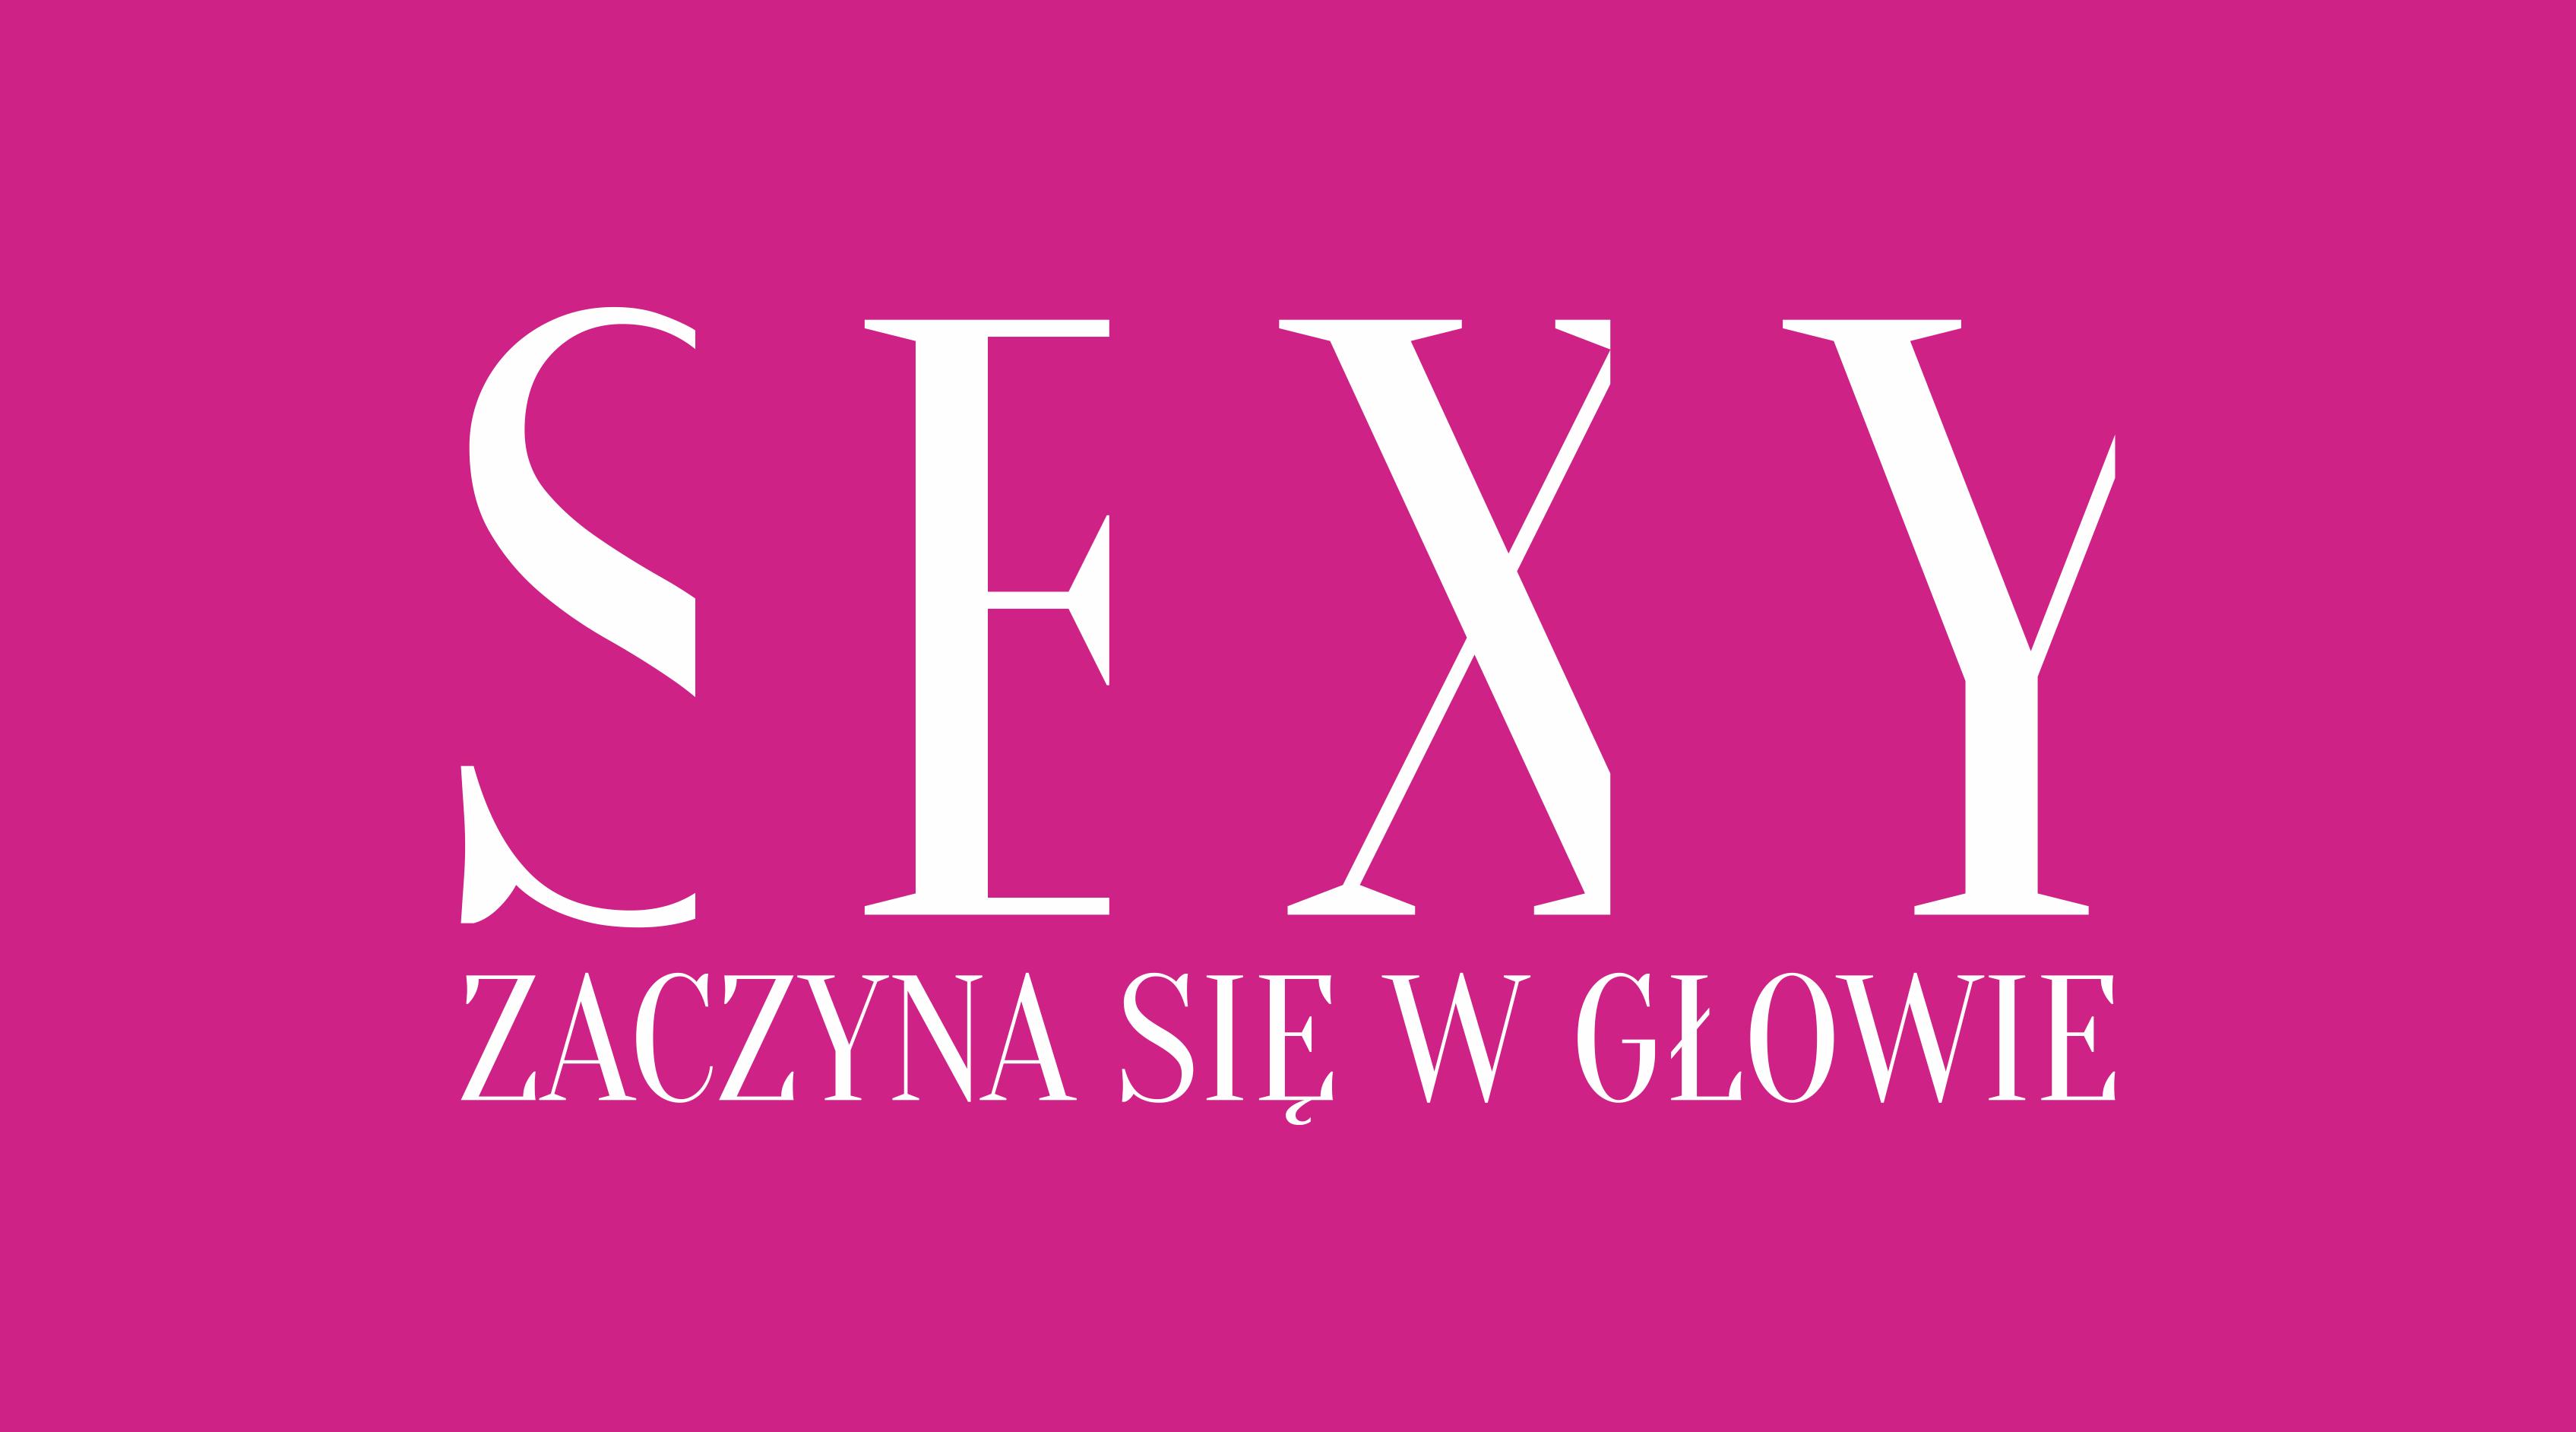 Sexy zaczyna się w głowie - Karolina Cwalina